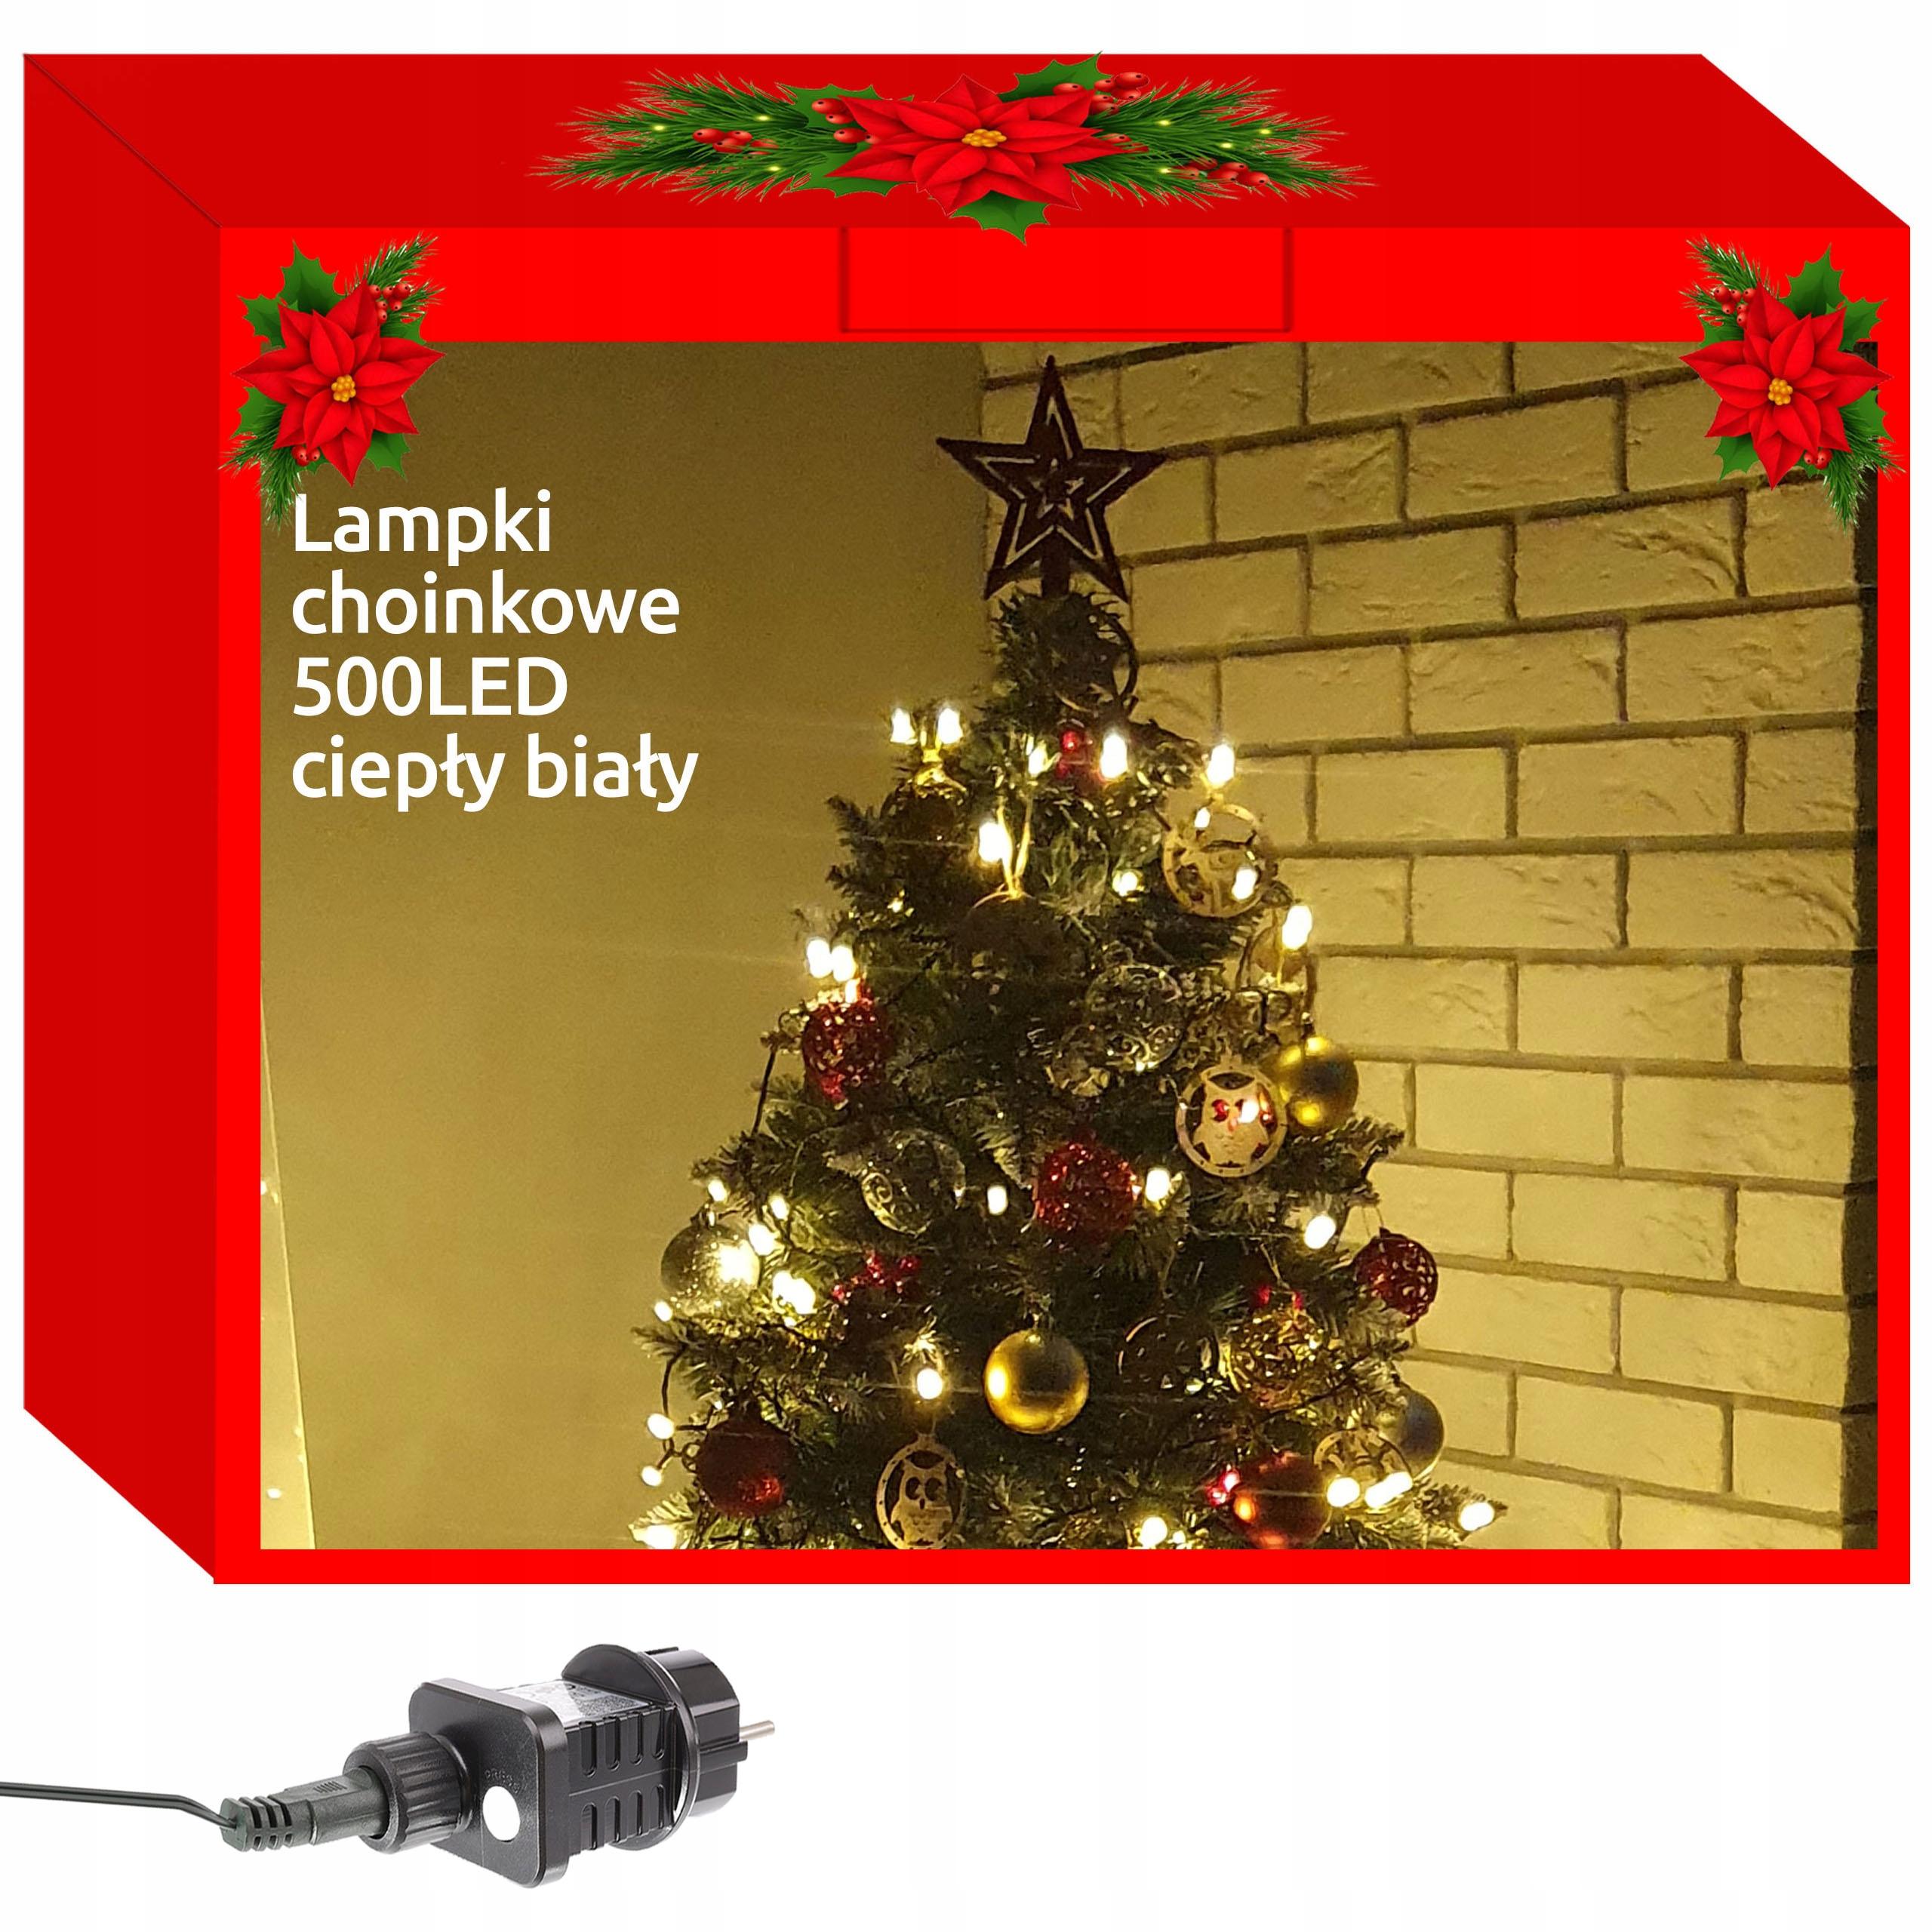 Lampki Choinkowe 500 Led Zewnetrzne 8 Trybow 31v C 9910978708 Allegro Pl